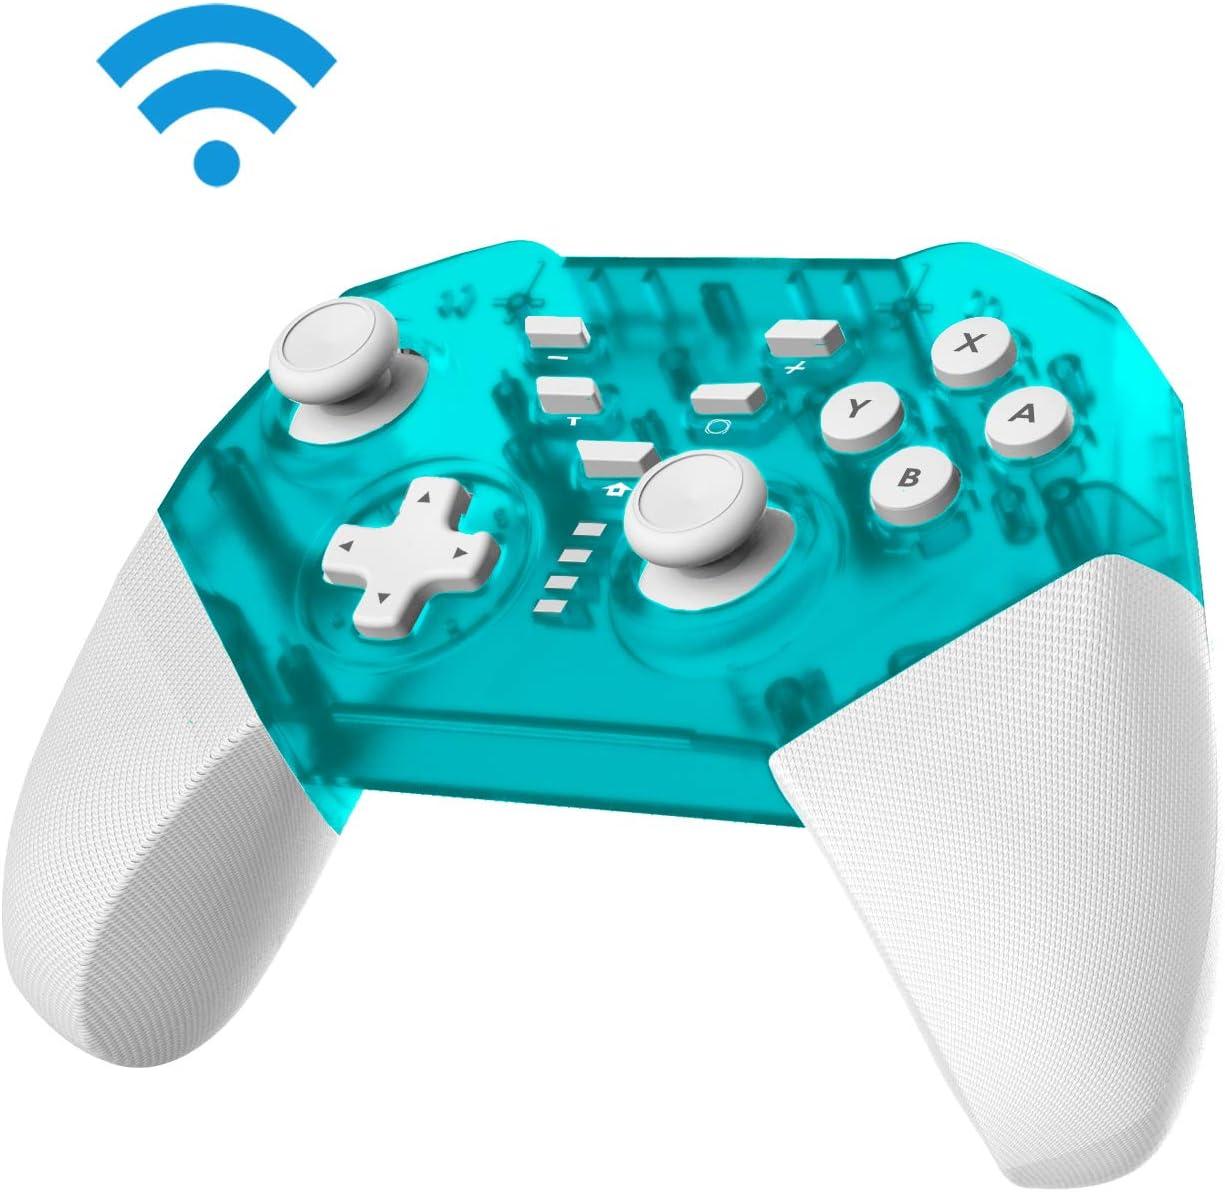 JFUNE Switch Mando Inalámbrico para Nintendo Switch, Controlador Pro Switch Inalámbrico, Función de DualShock y Turbo con Gyro Axis Switch Gamepad - 2019 Nueva versión (Verde)